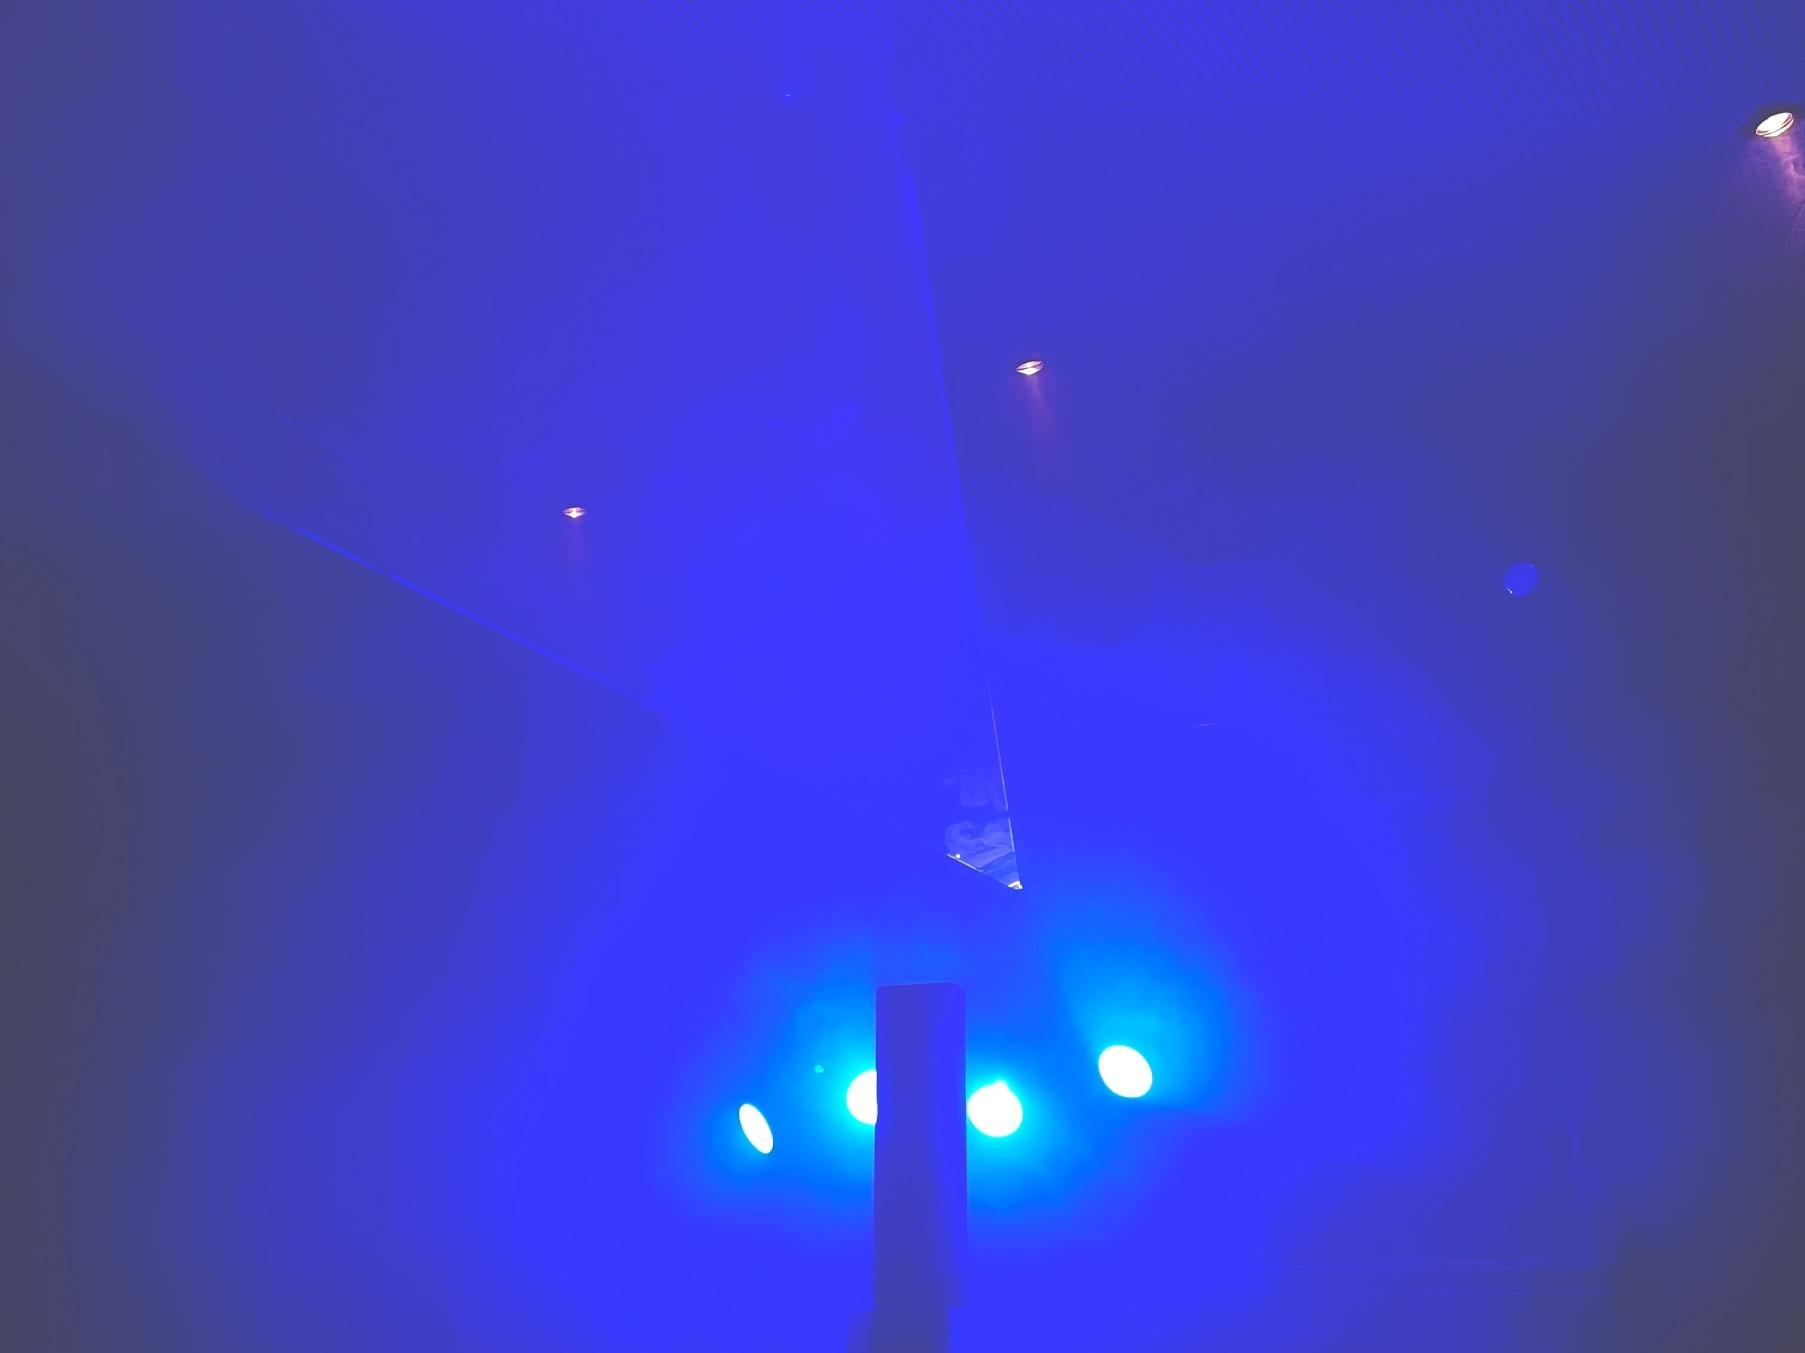 vier blaue Lichter leuchten wie Scheinwerfer in einen nebligen Raum, eine Säule steht vor den Lichtern